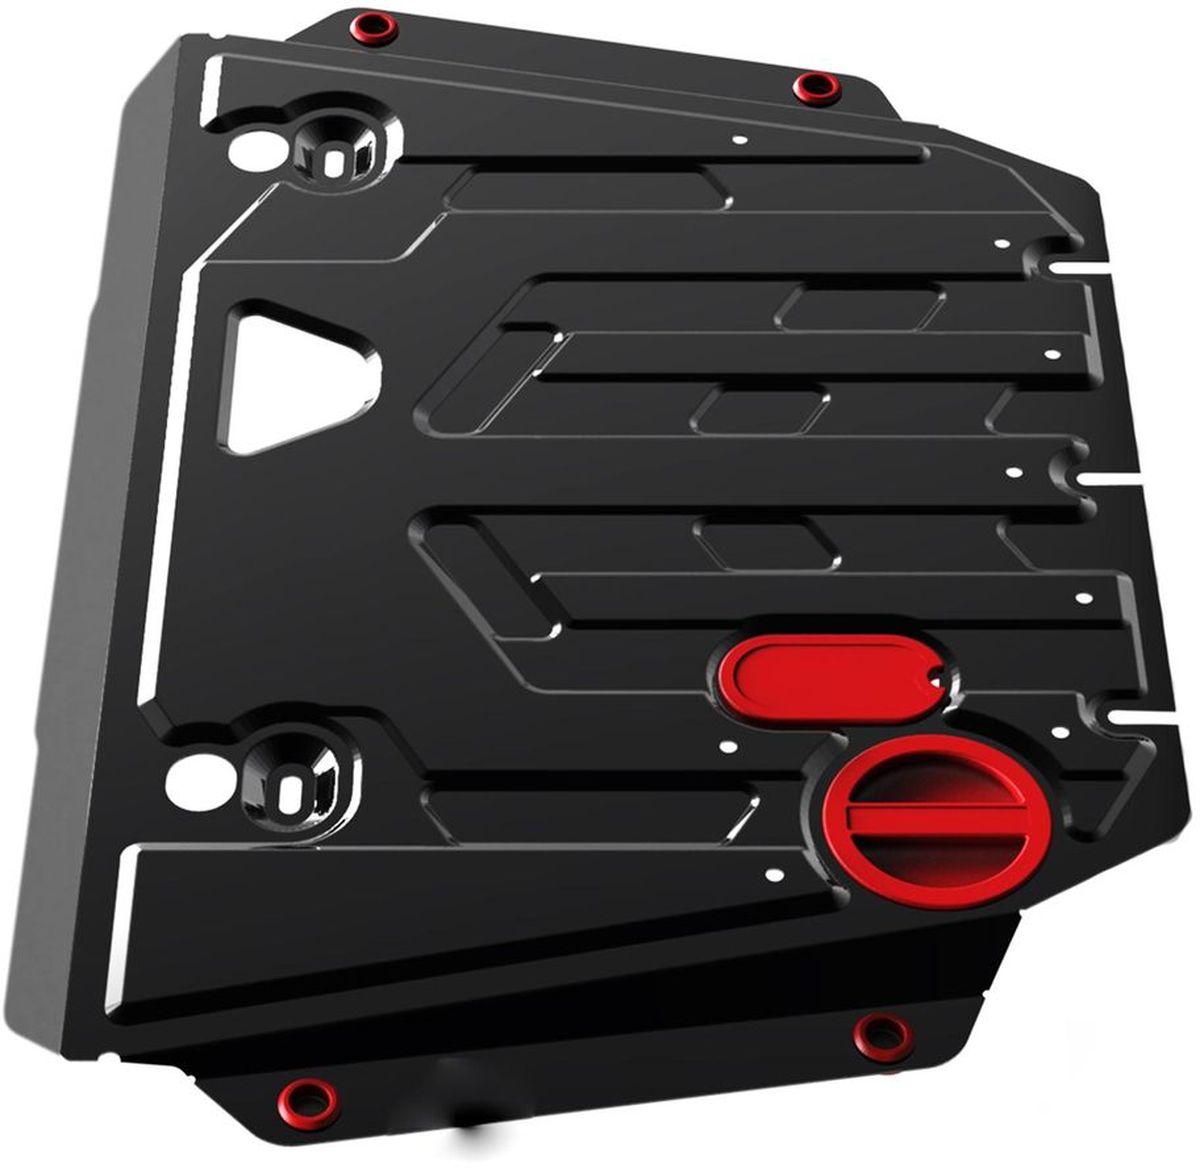 Защита картера и КПП Автоброня, для Citroen C2 V - 1,4; 1,6 (2005-2009) /Citroen C3, V - 1,4; 1,6 (2005-2009)111.01201.1Технологически совершенный продукт за невысокую стоимость. Защита разработана с учетом особенностей днища автомобиля, что позволяет сохранить дорожный просвет с минимальным изменением. Защита устанавливается в штатные места кузова автомобиля. Глубокий штамп обеспечивает до двух раз больше жесткости в сравнении с обычной защитой той же толщины. Проштампованные ребра жесткости препятствуют деформации защиты при ударах. Тепловой зазор и вентиляционные отверстия обеспечивают сохранение температурного режима двигателя в норме. Скрытый крепеж предотвращает срыв крепежных элементов при наезде на препятствие. Шумопоглощающие резиновые элементы обеспечивают комфортную езду без вибраций и скрежета металла, а съемные лючки для слива масла и замены фильтра - экономию средств и время. Конструкция изделия не влияет на пассивную безопасность автомобиля (при ударе защита не воздействует на деформационные зоны кузова). Со штатным крепежом. В комплекте инструкция по установке....